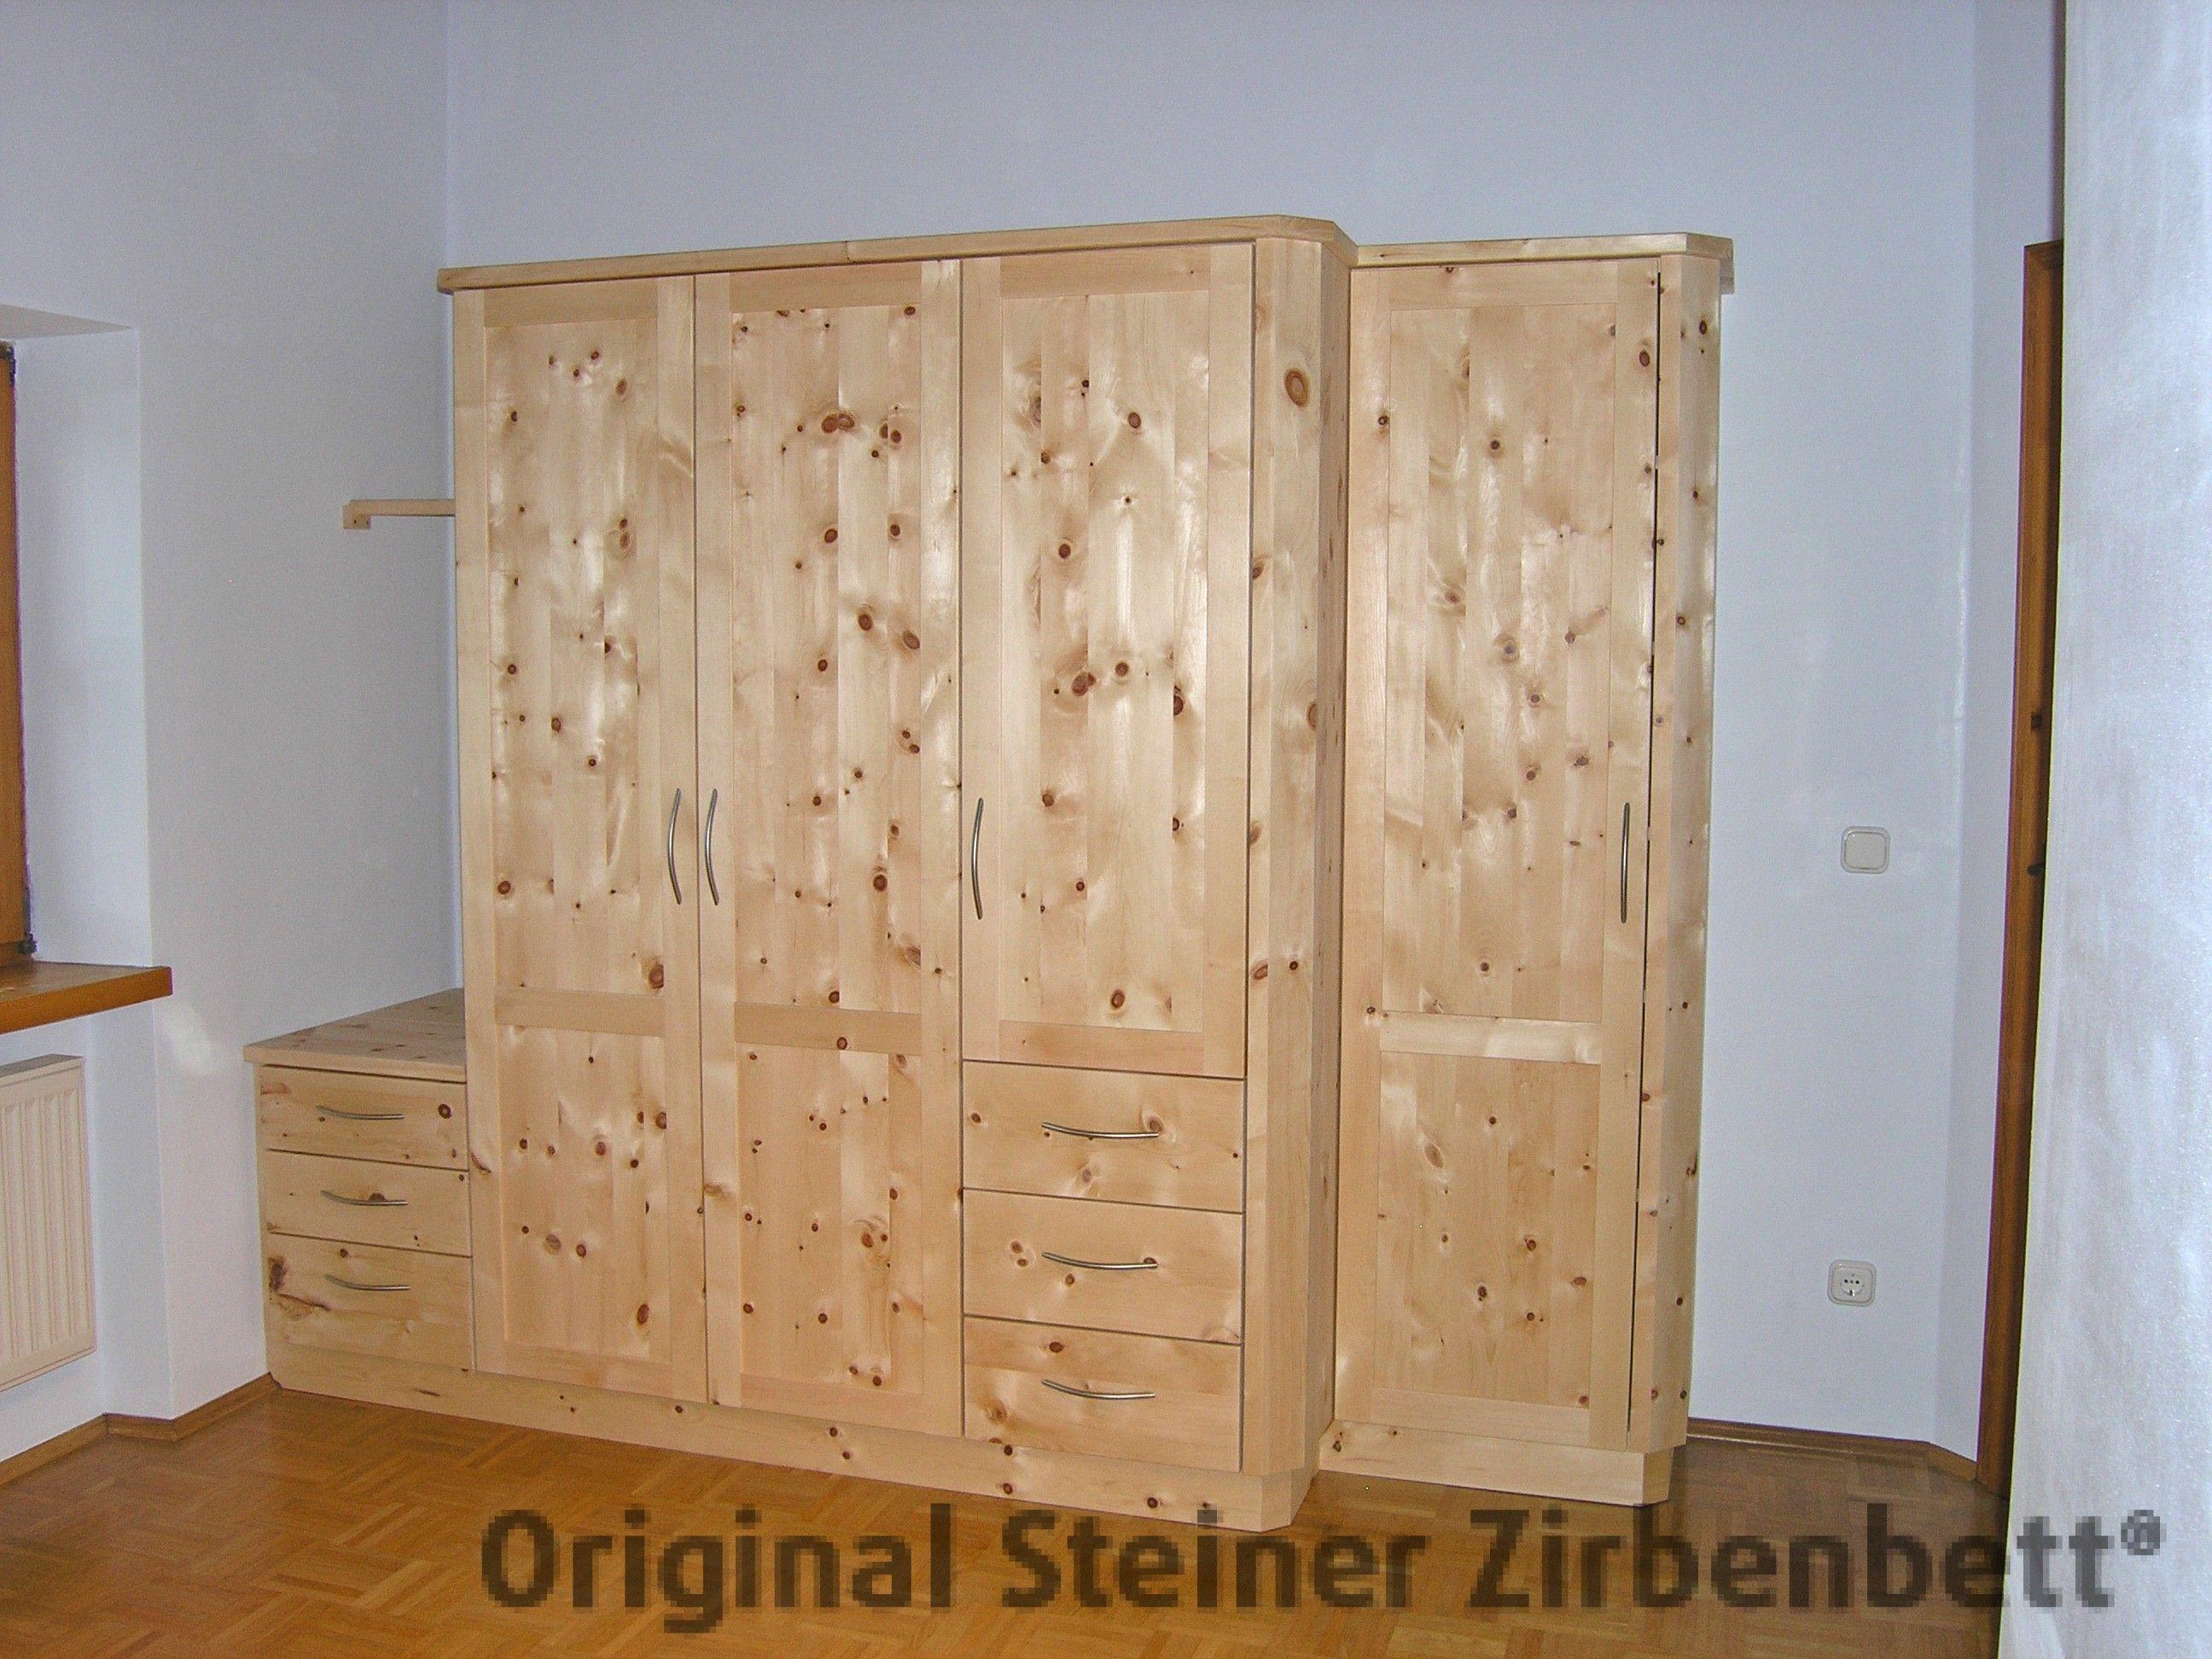 f nfteiliger schlafzimmerschrank aus zirbenholz ma gefertigt zirbenholzschr nke schrank. Black Bedroom Furniture Sets. Home Design Ideas